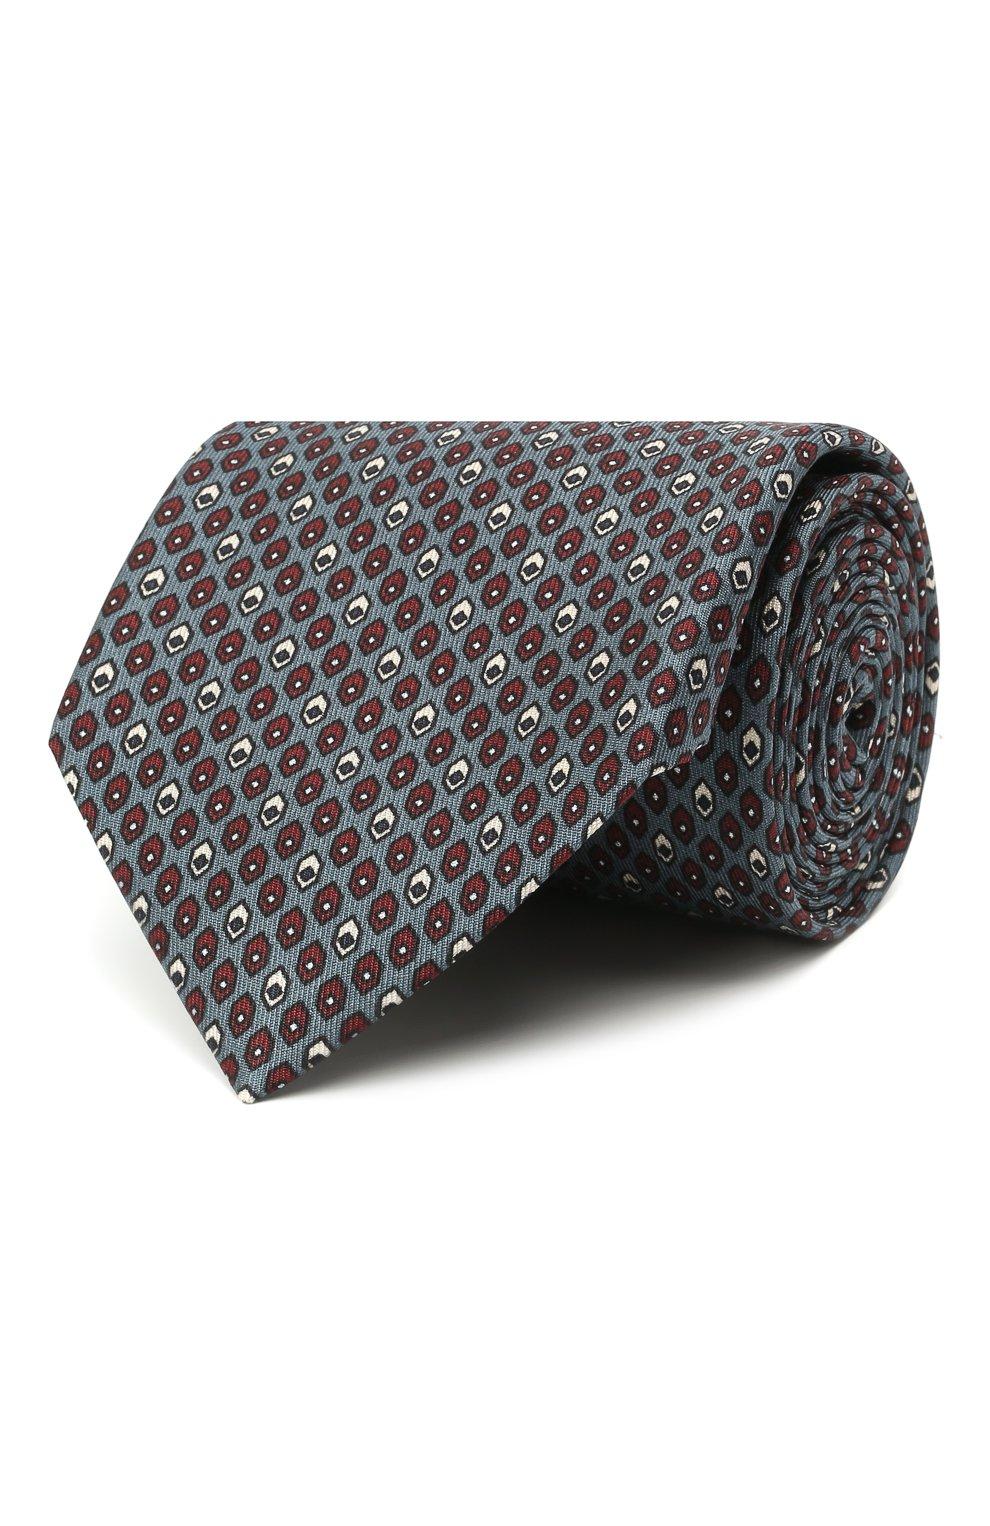 Мужской комплект из галстука и платка BRIONI серо-голубого цвета, арт. 08A900/01486 | Фото 1 (Материал: Текстиль, Шелк)